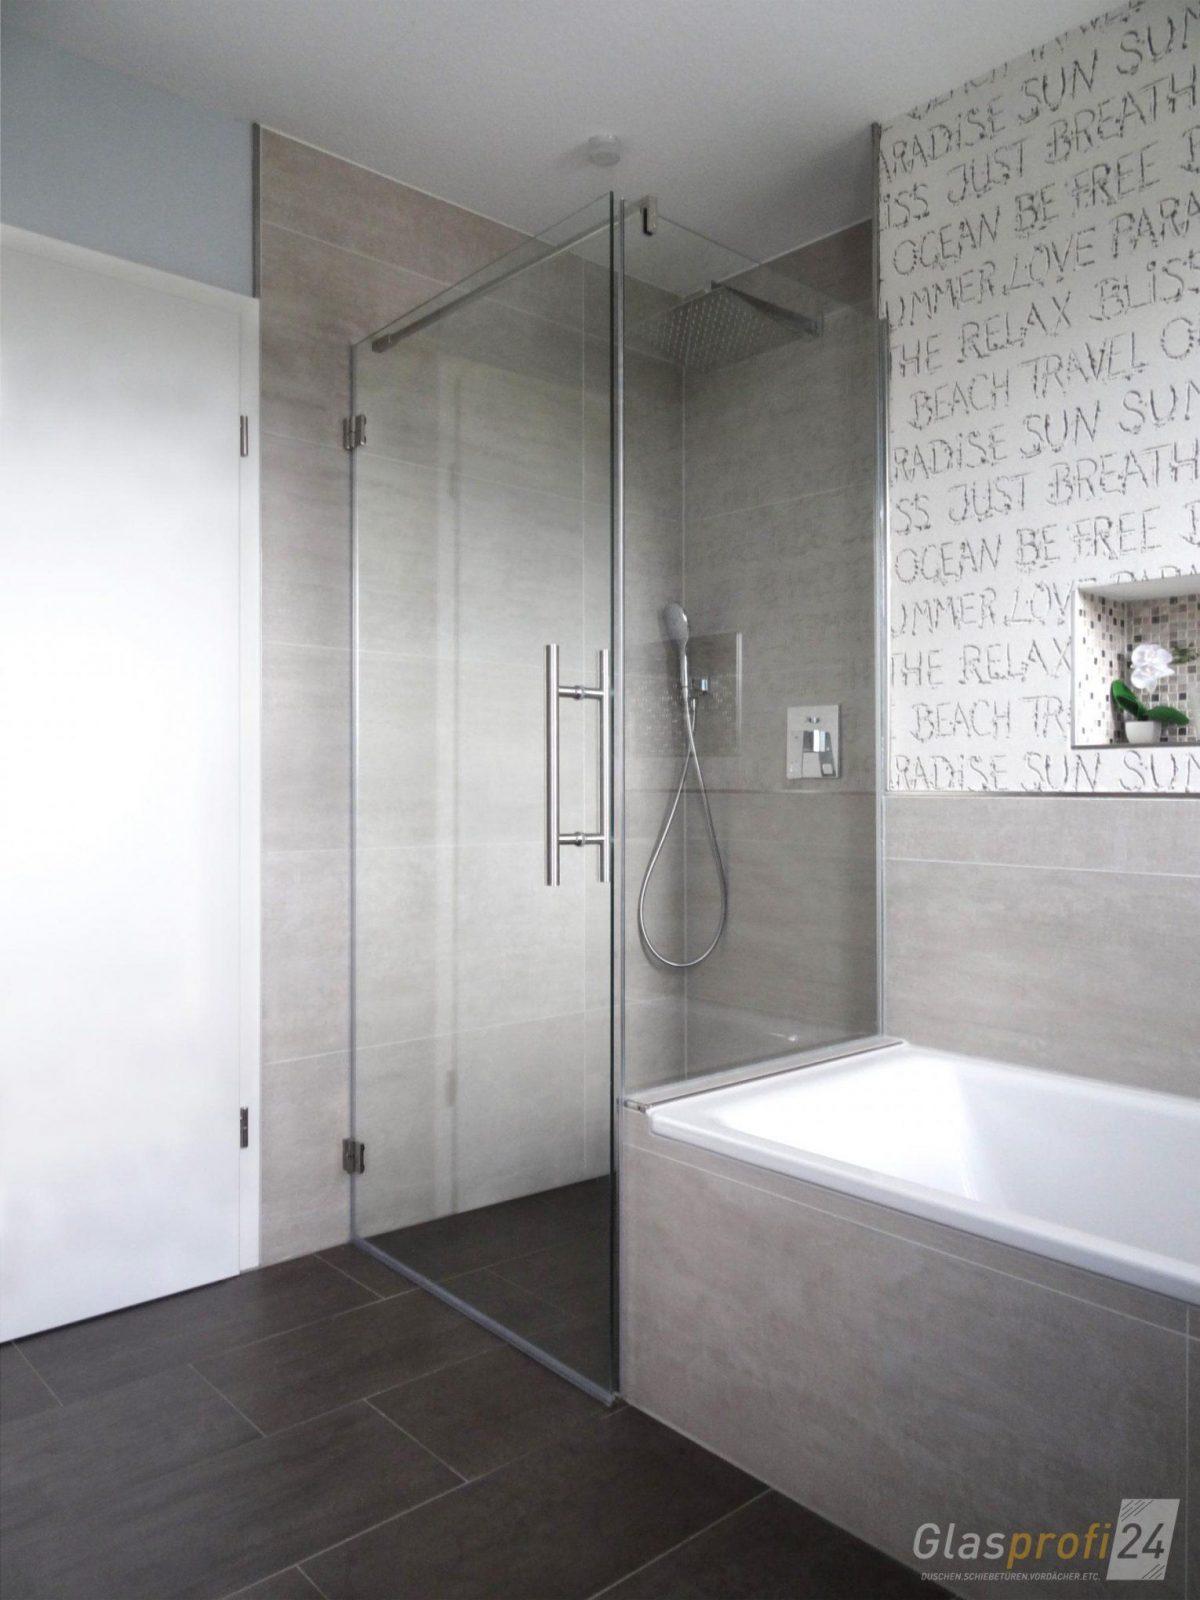 Badewannenanschluss Als Glasdusche  Glasprofi24 von Duschwand Glas Für Badewanne Photo